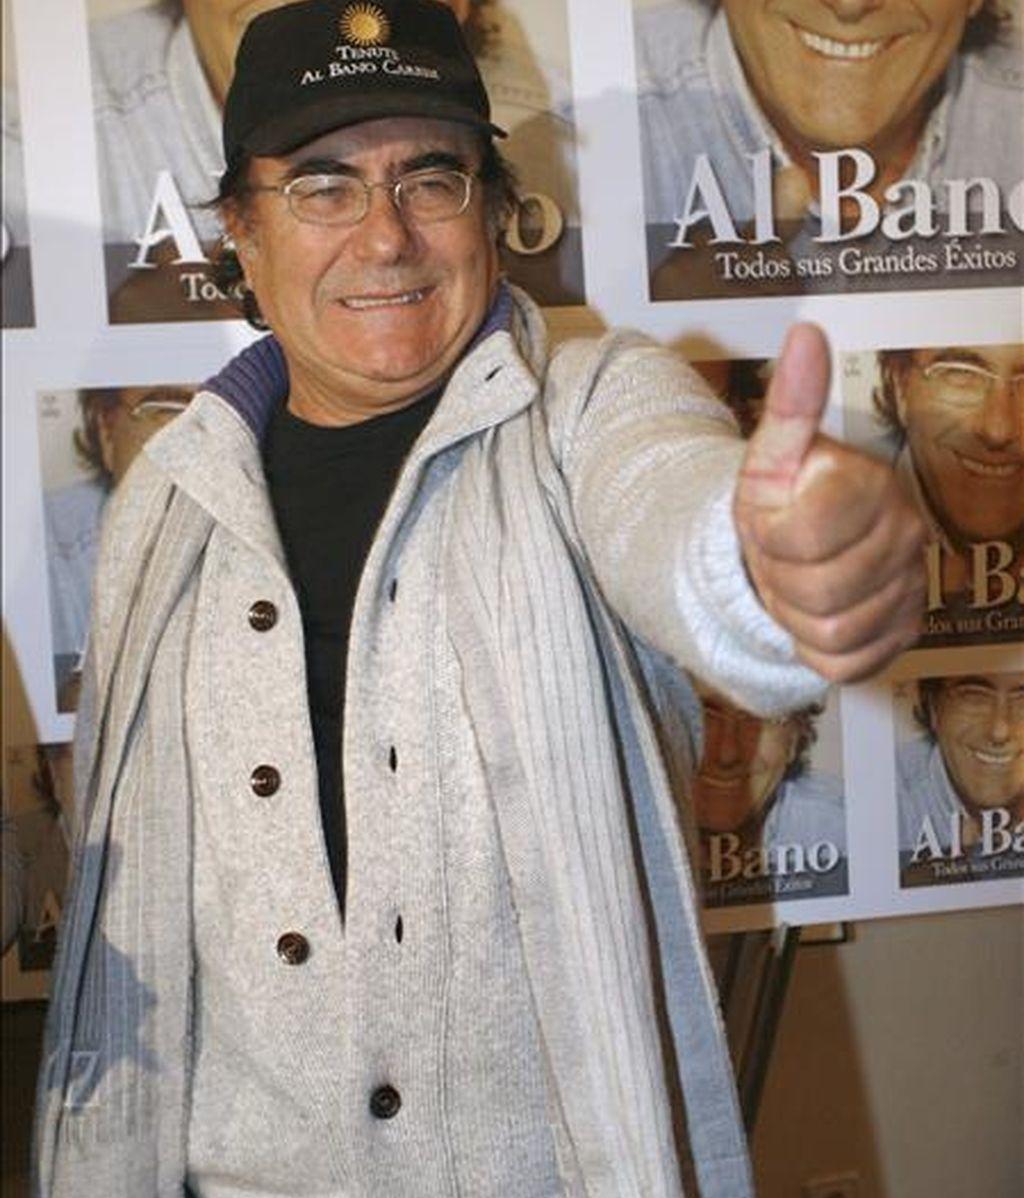 """El cantante italiano Al Bano, durante la presentación de su nuevo CD-DVD, titulado """"Todos sus grandes éxitos en español"""", en diciembre pasado, en Madrid. EFE"""